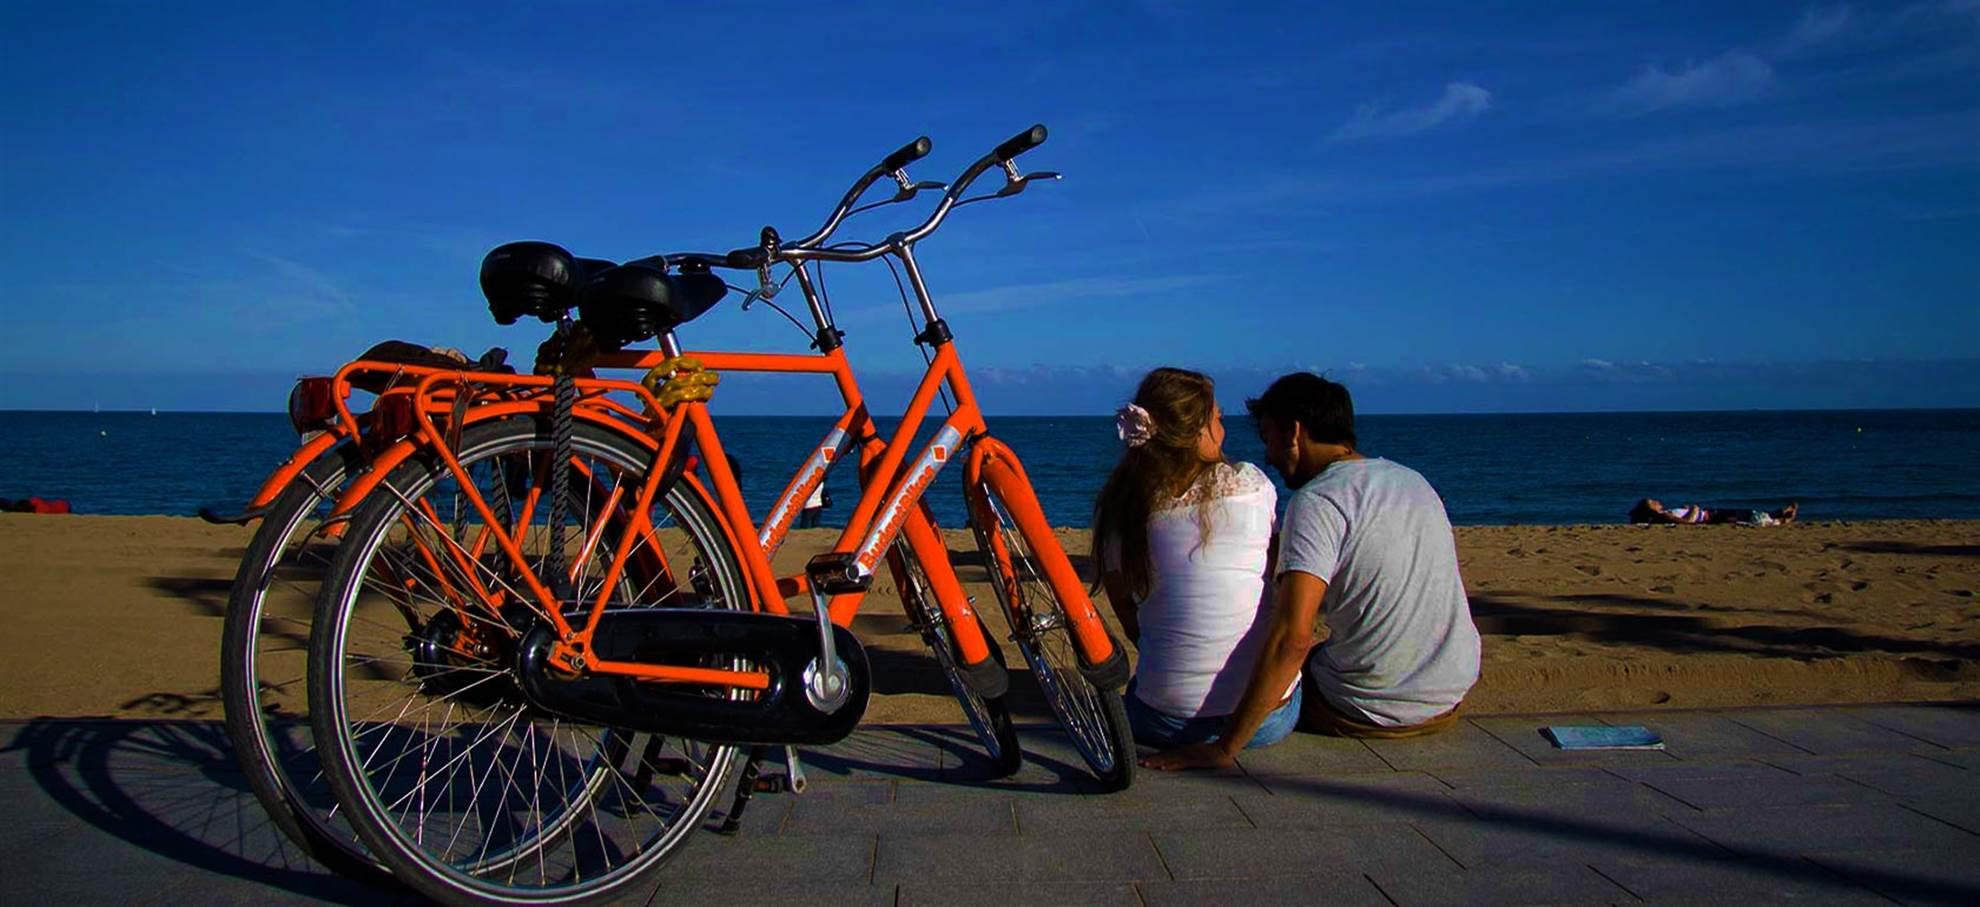 Wypożyczalnia rowerów w Barcelonie